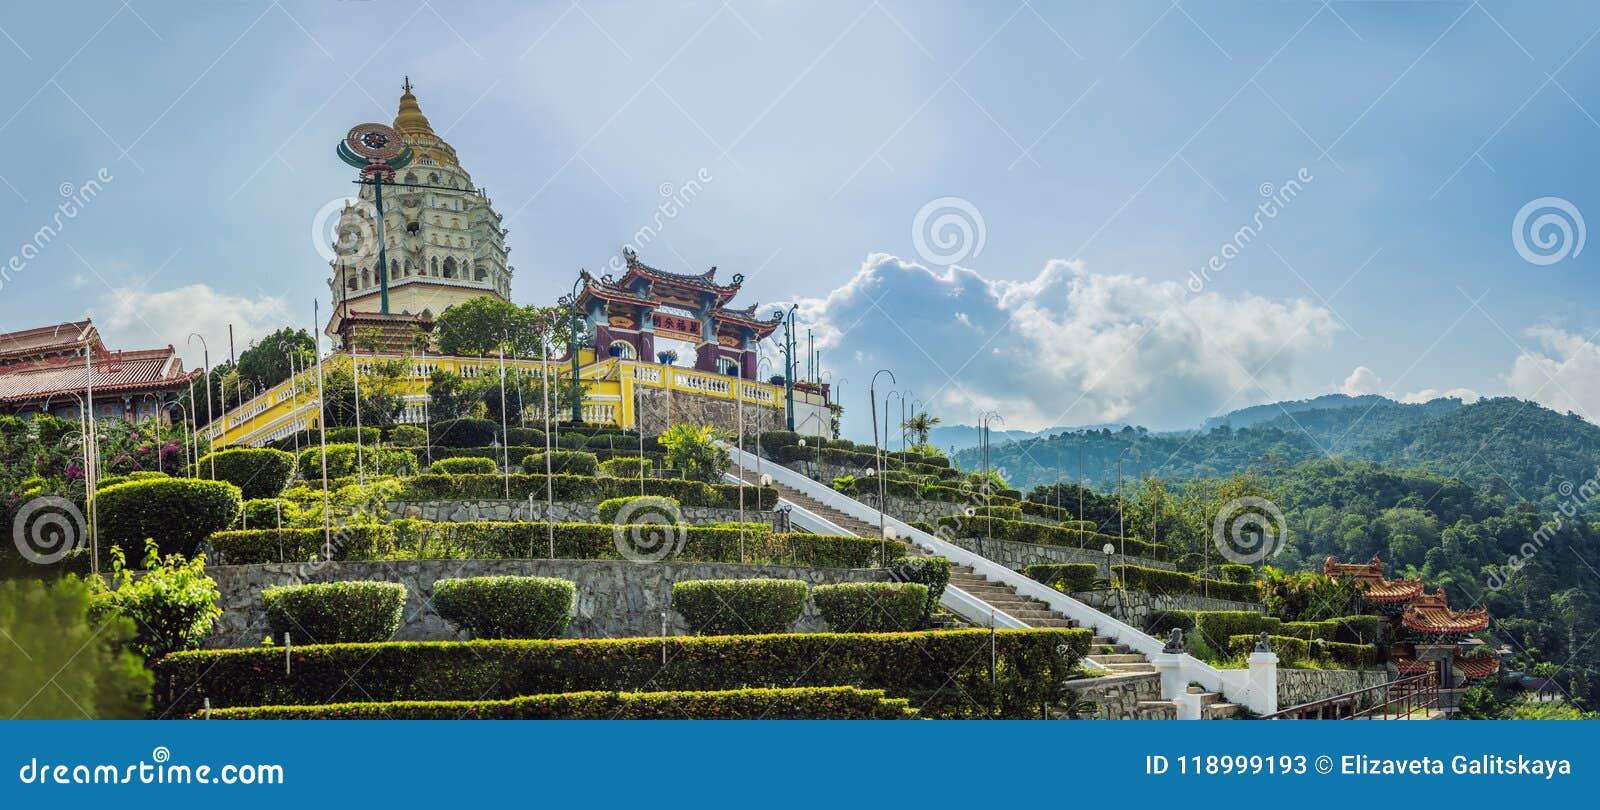 Boeddhistische tempel Kek Lok Si in Penang, Maleisië, Georgetown